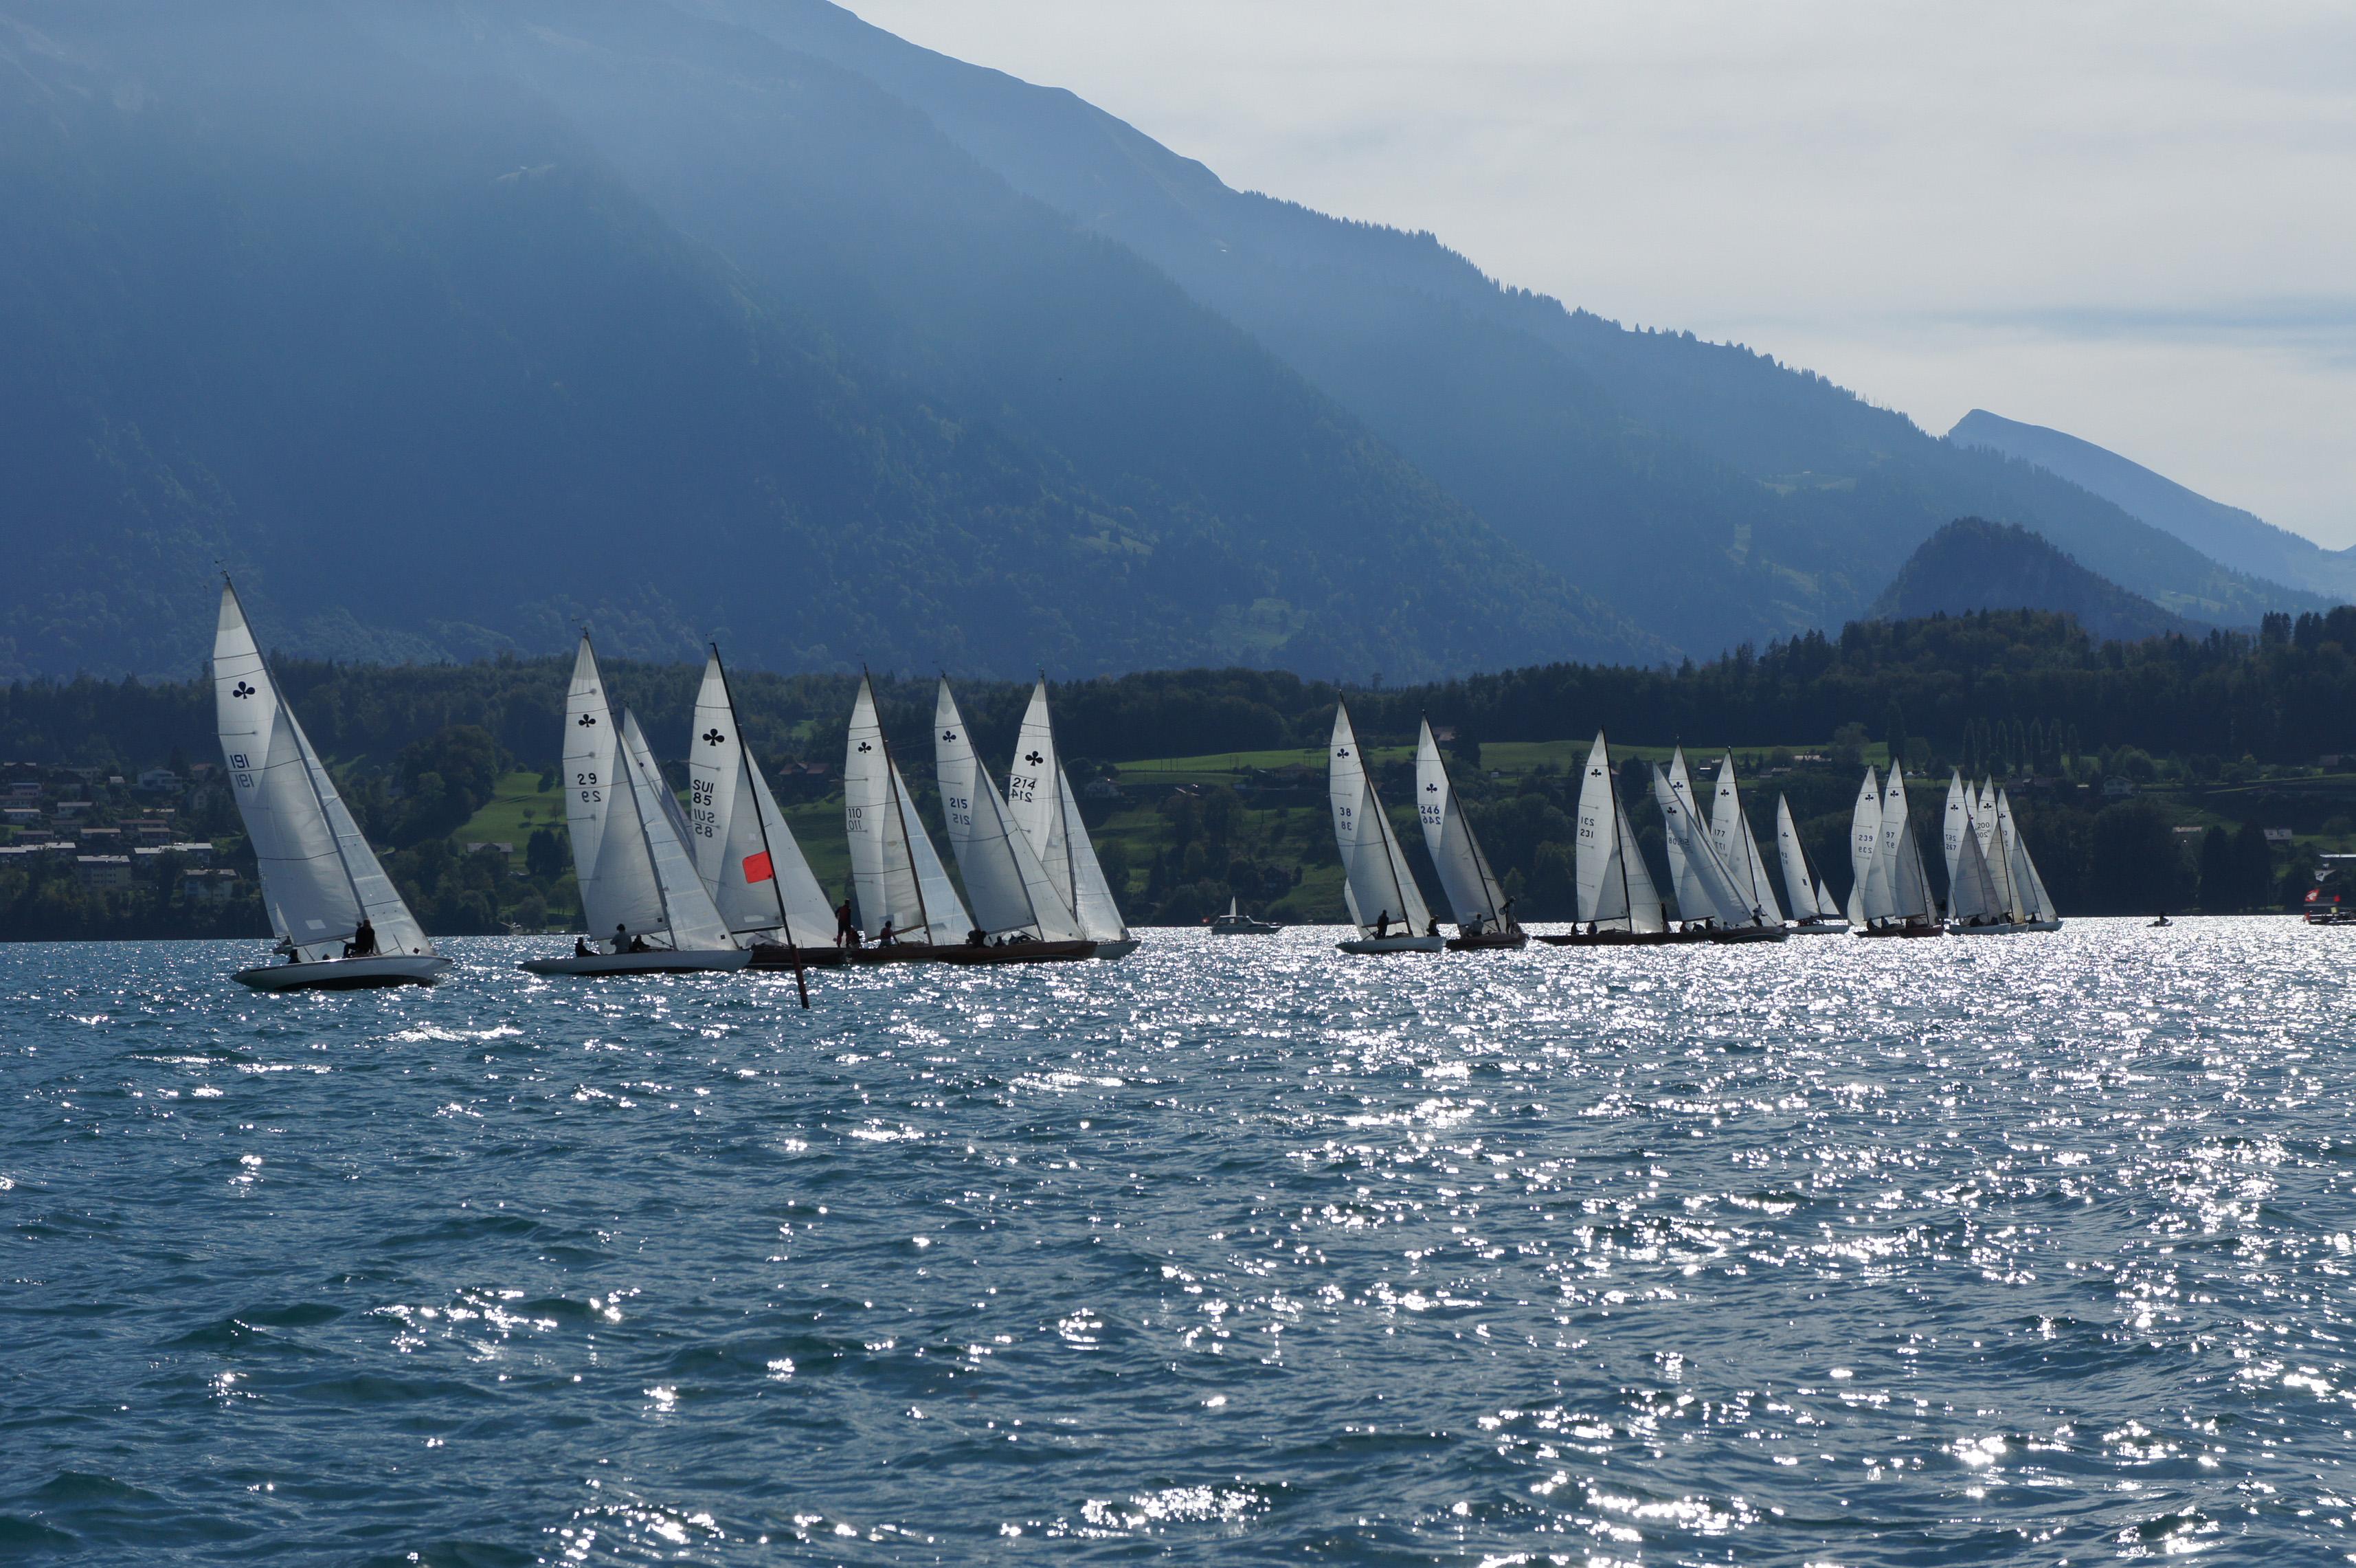 Startlinie an den Schweizermeisterschaften, Spiez 2013 (Foto © Yacht Club Spiez)